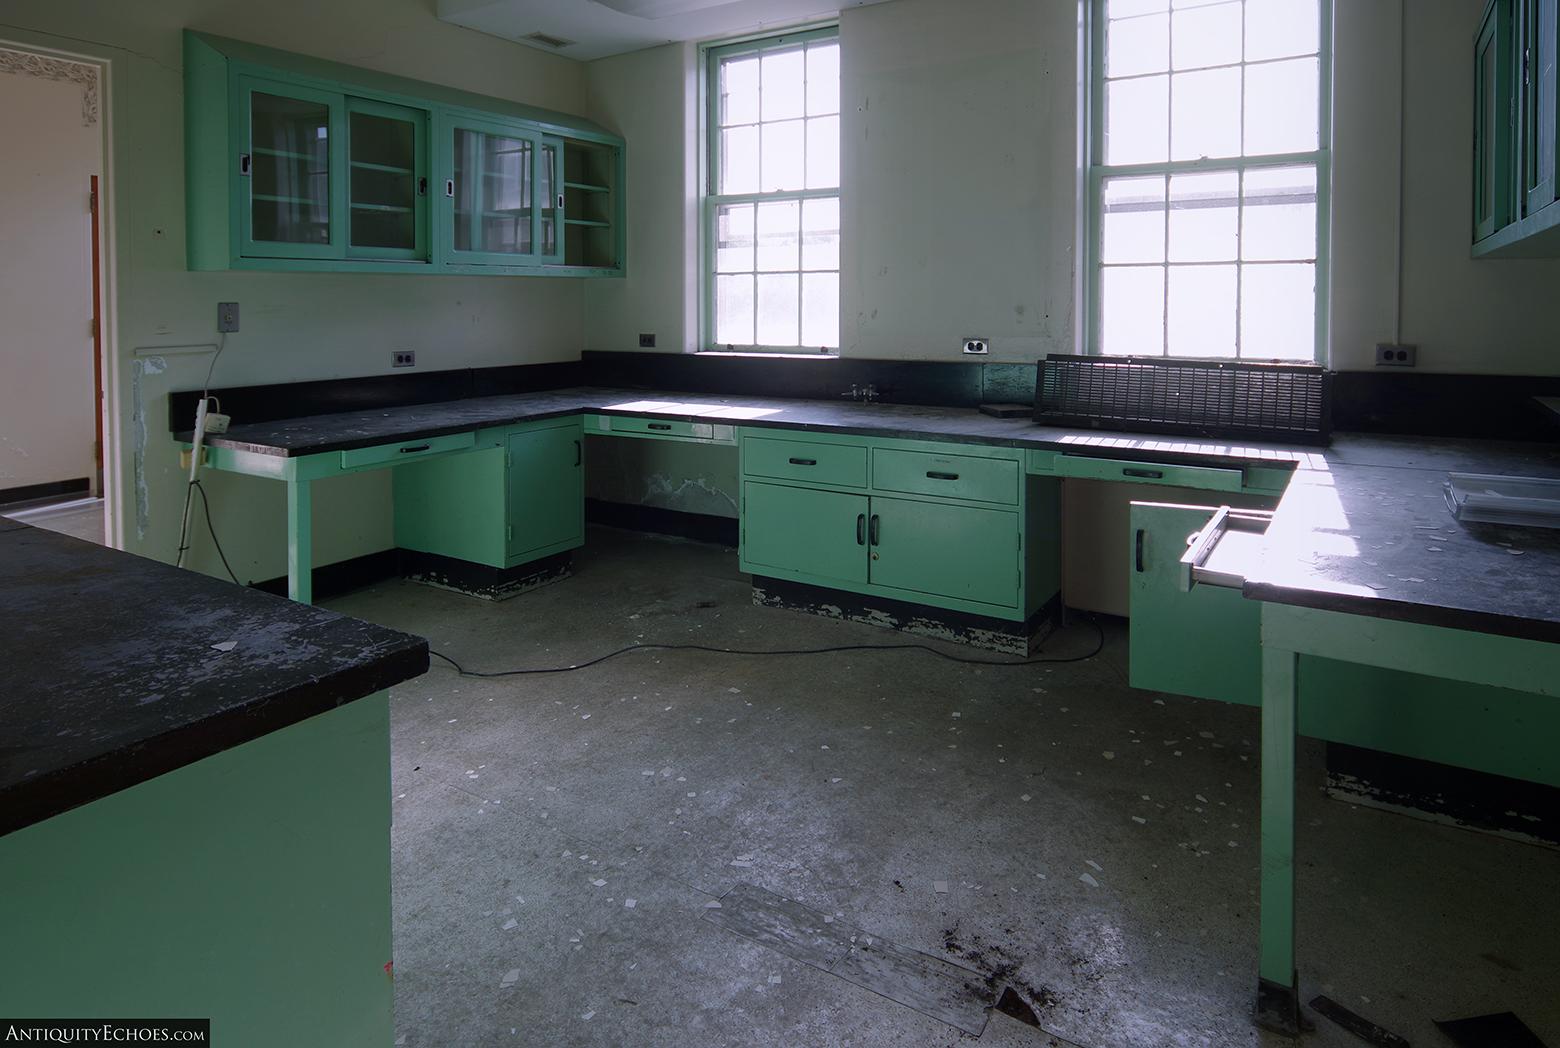 Allentown State Hospital - Medical Building